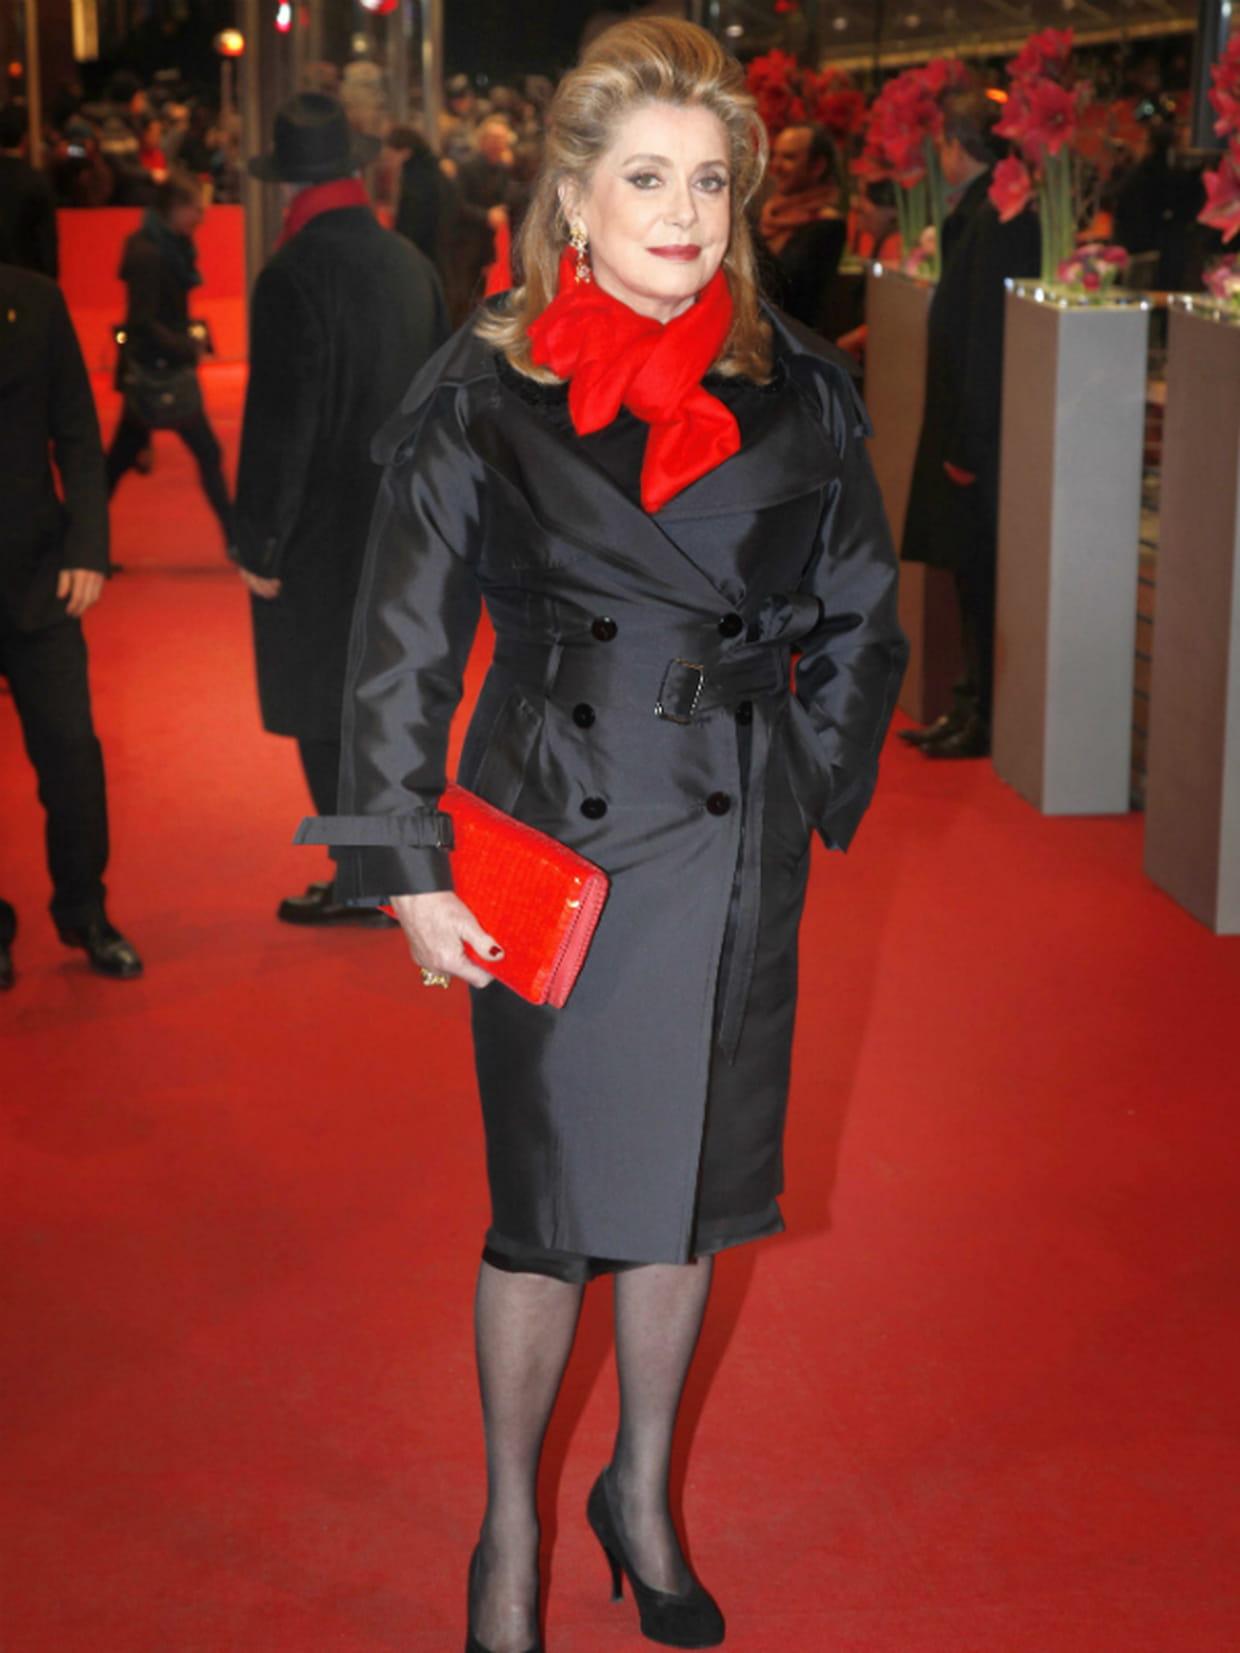 belle couleur magasiner pour l'original dernière collection Catherine Deneuve en trench et écharpe rouge